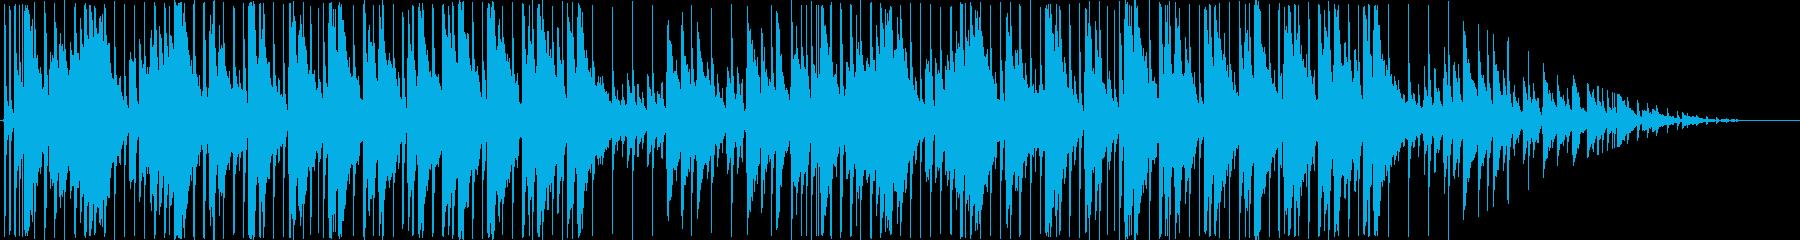 クールなライトジャズの雰囲気は、ラ...の再生済みの波形